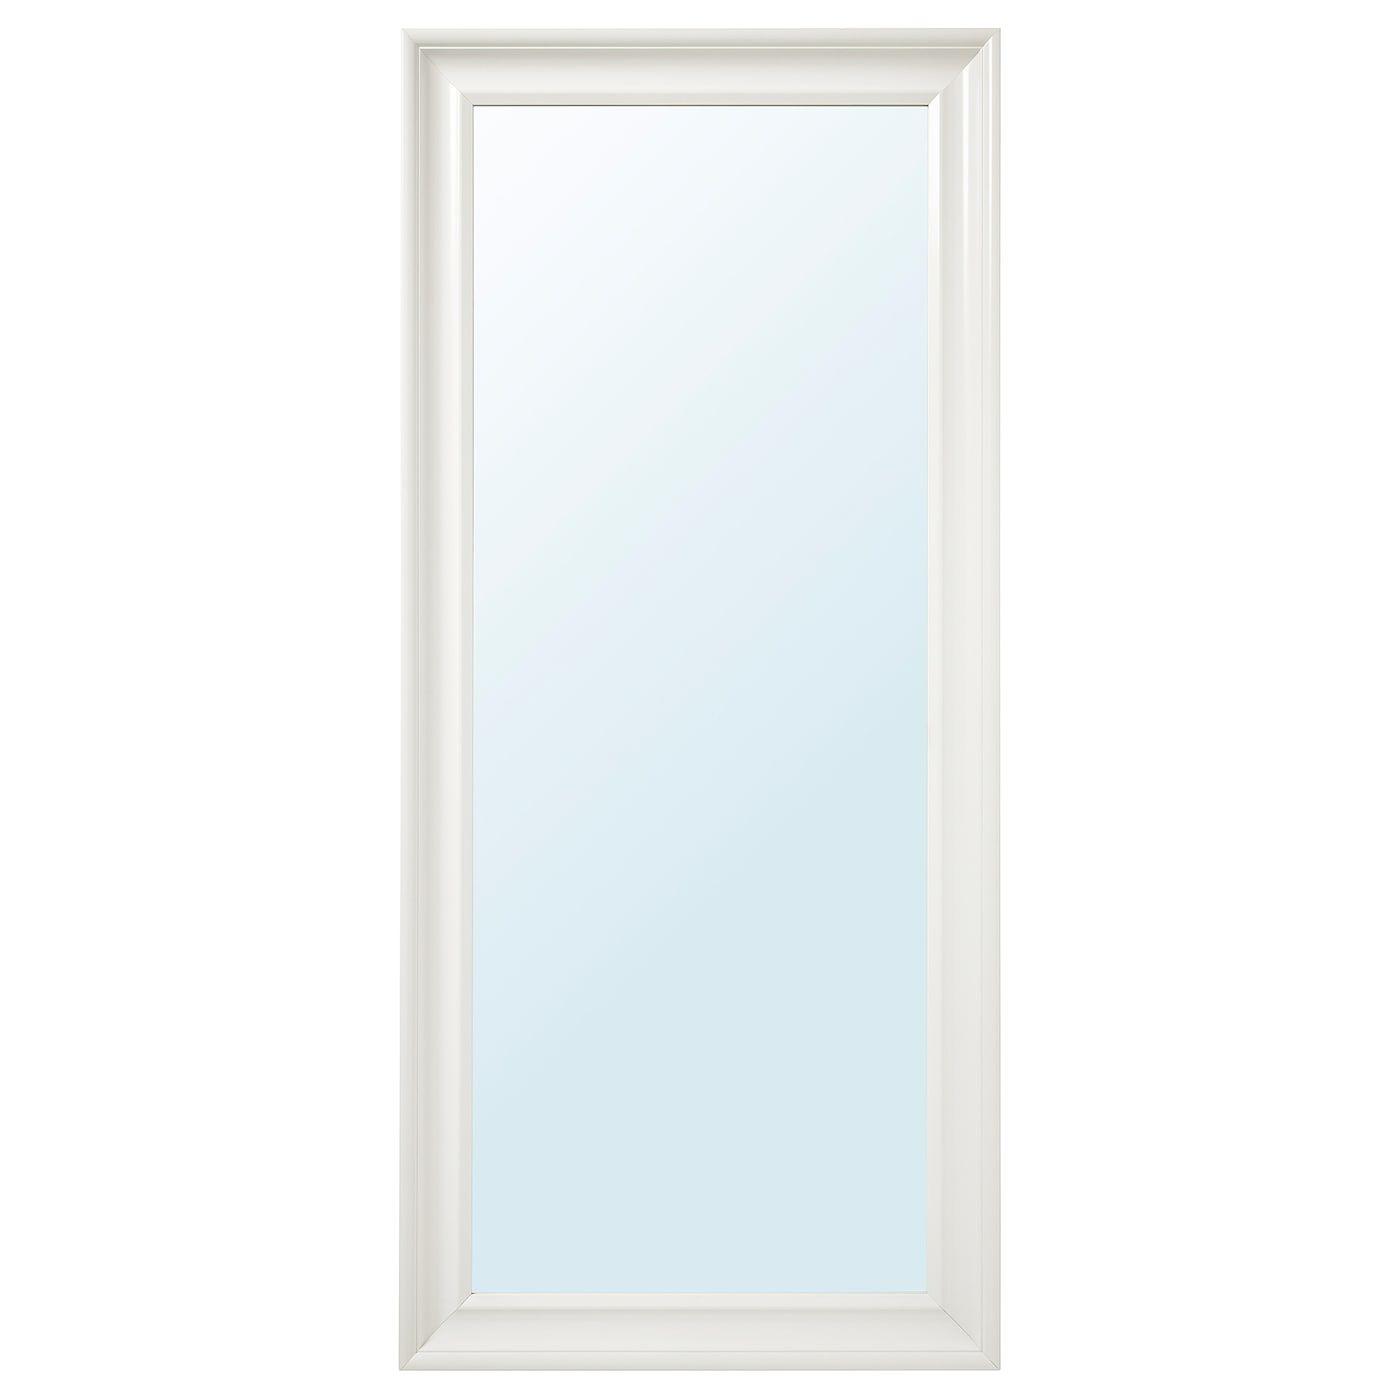 Ambienti Ikea Cucina hemnes specchio - bianco 74x165 cm | specchi a figura intera